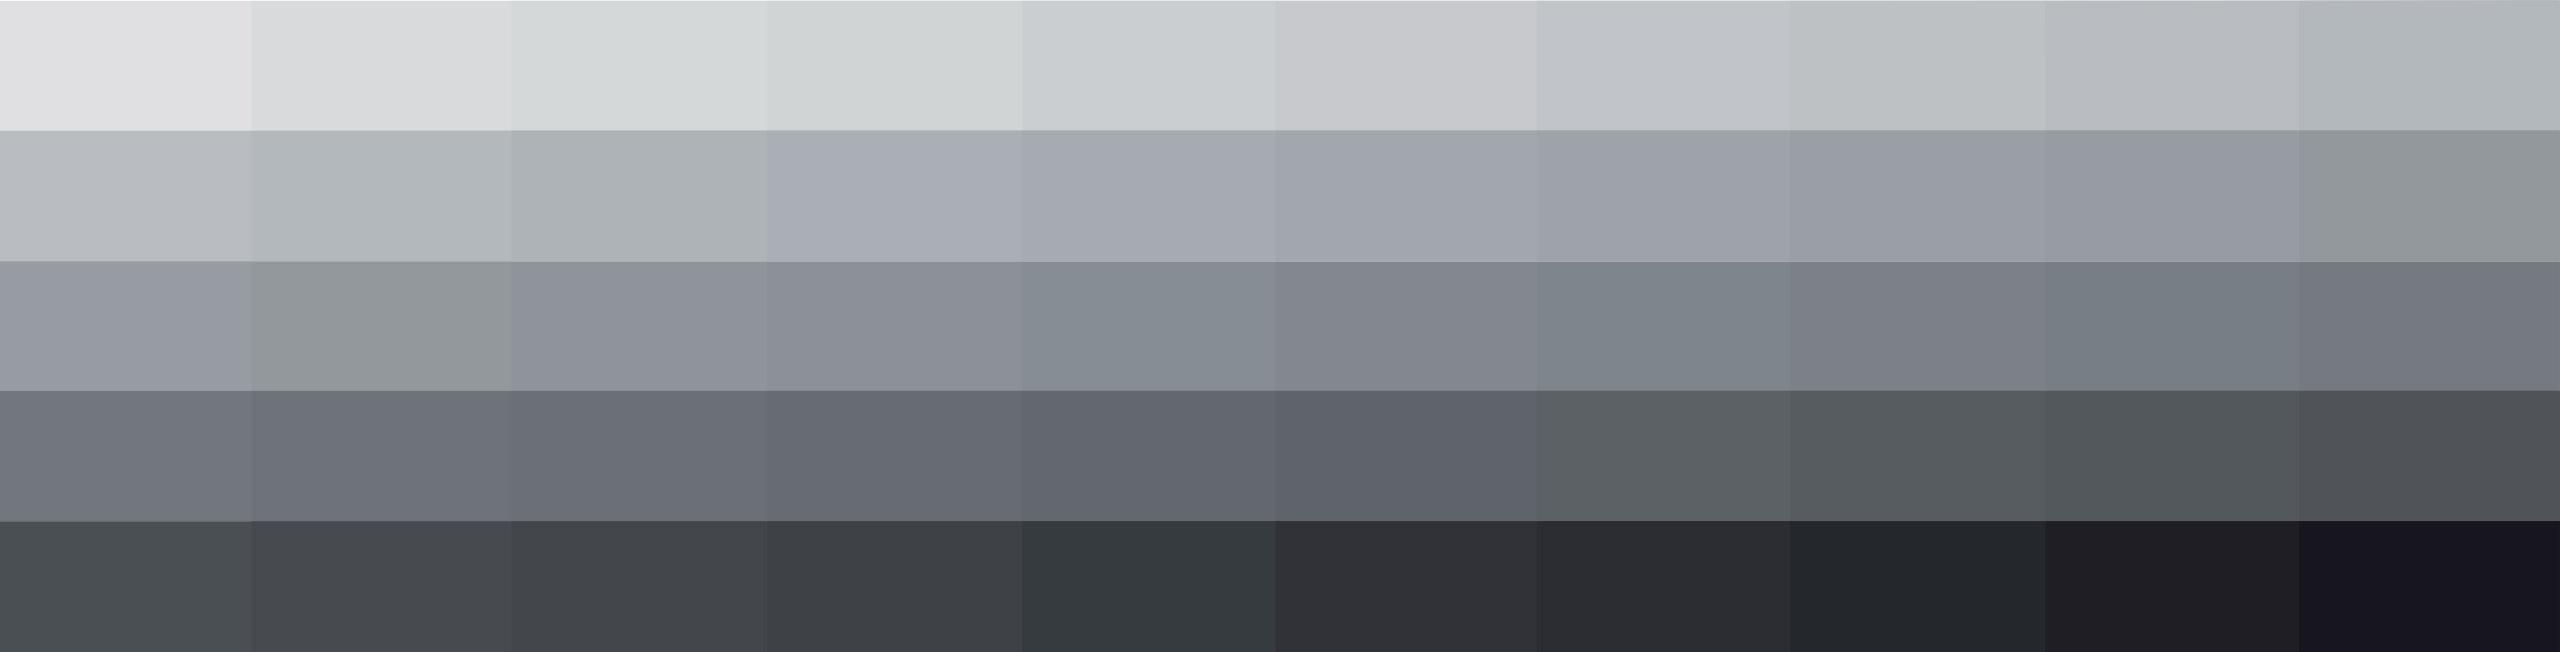 Esempi di colori sulle tonalità del grigio - trend di stagione